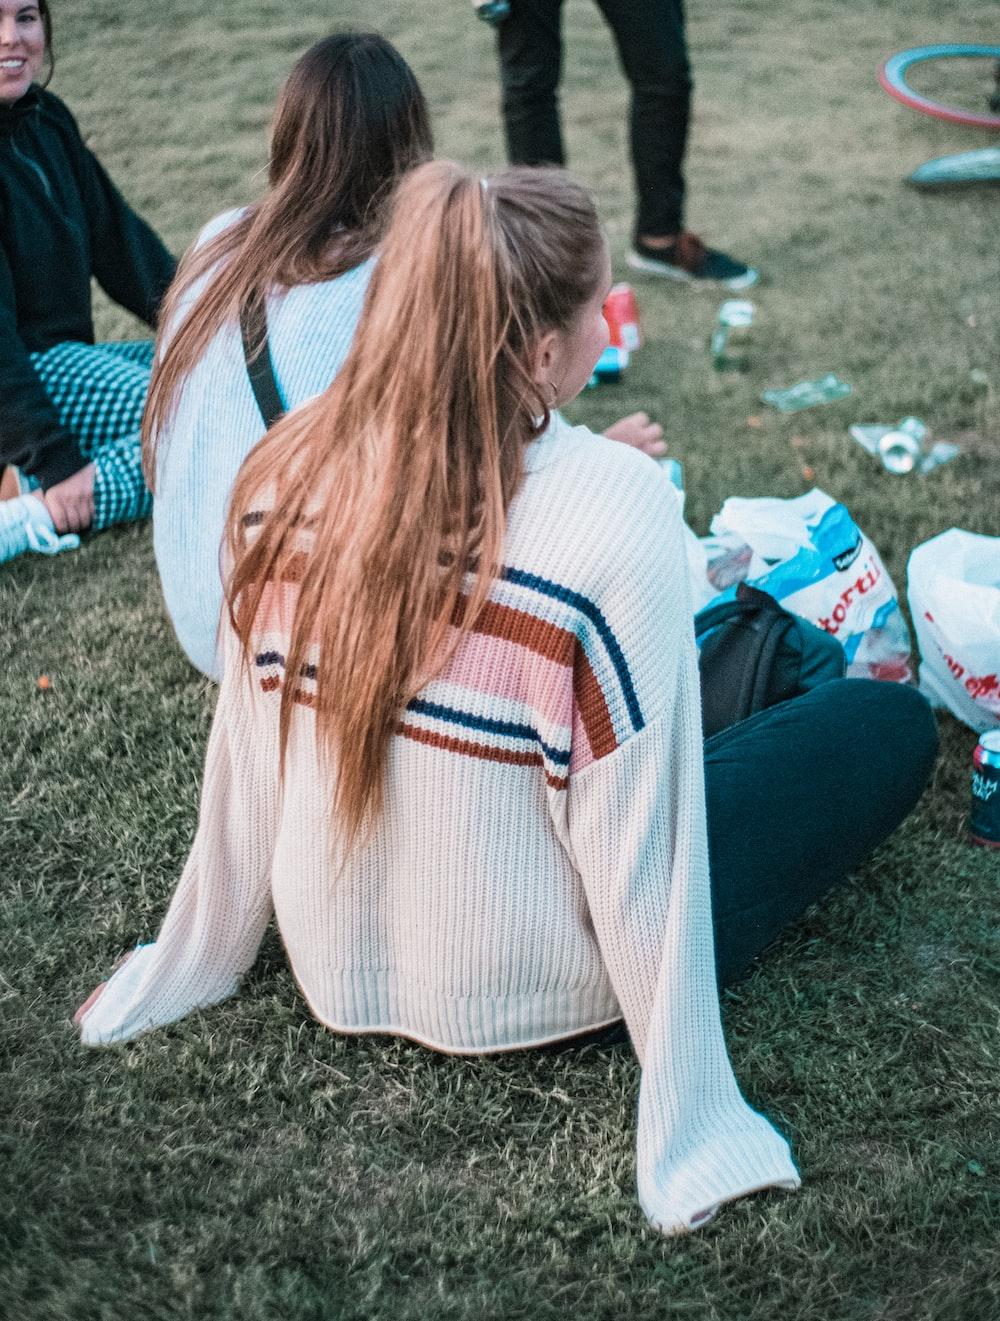 three women sitting on green grass field